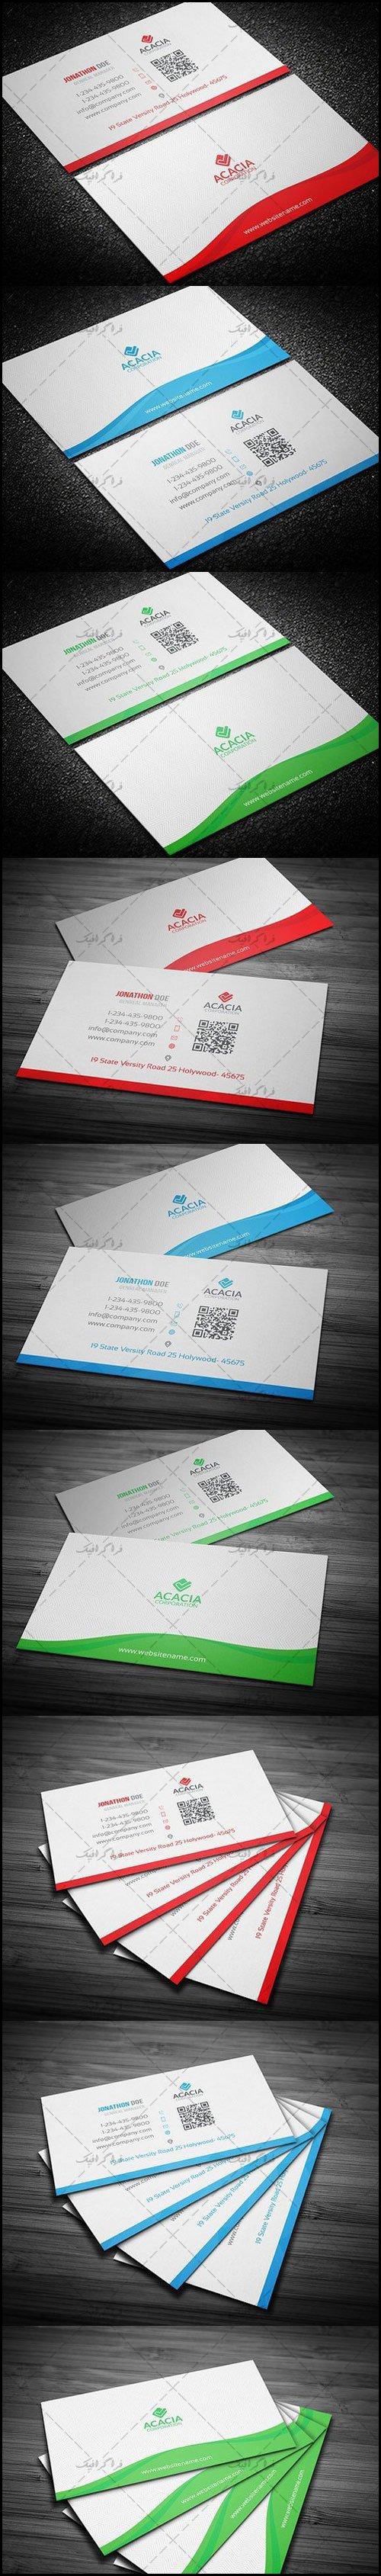 دانلود کارت ویزیت لایه باز فتوشاپ شرکتی - شماره 155